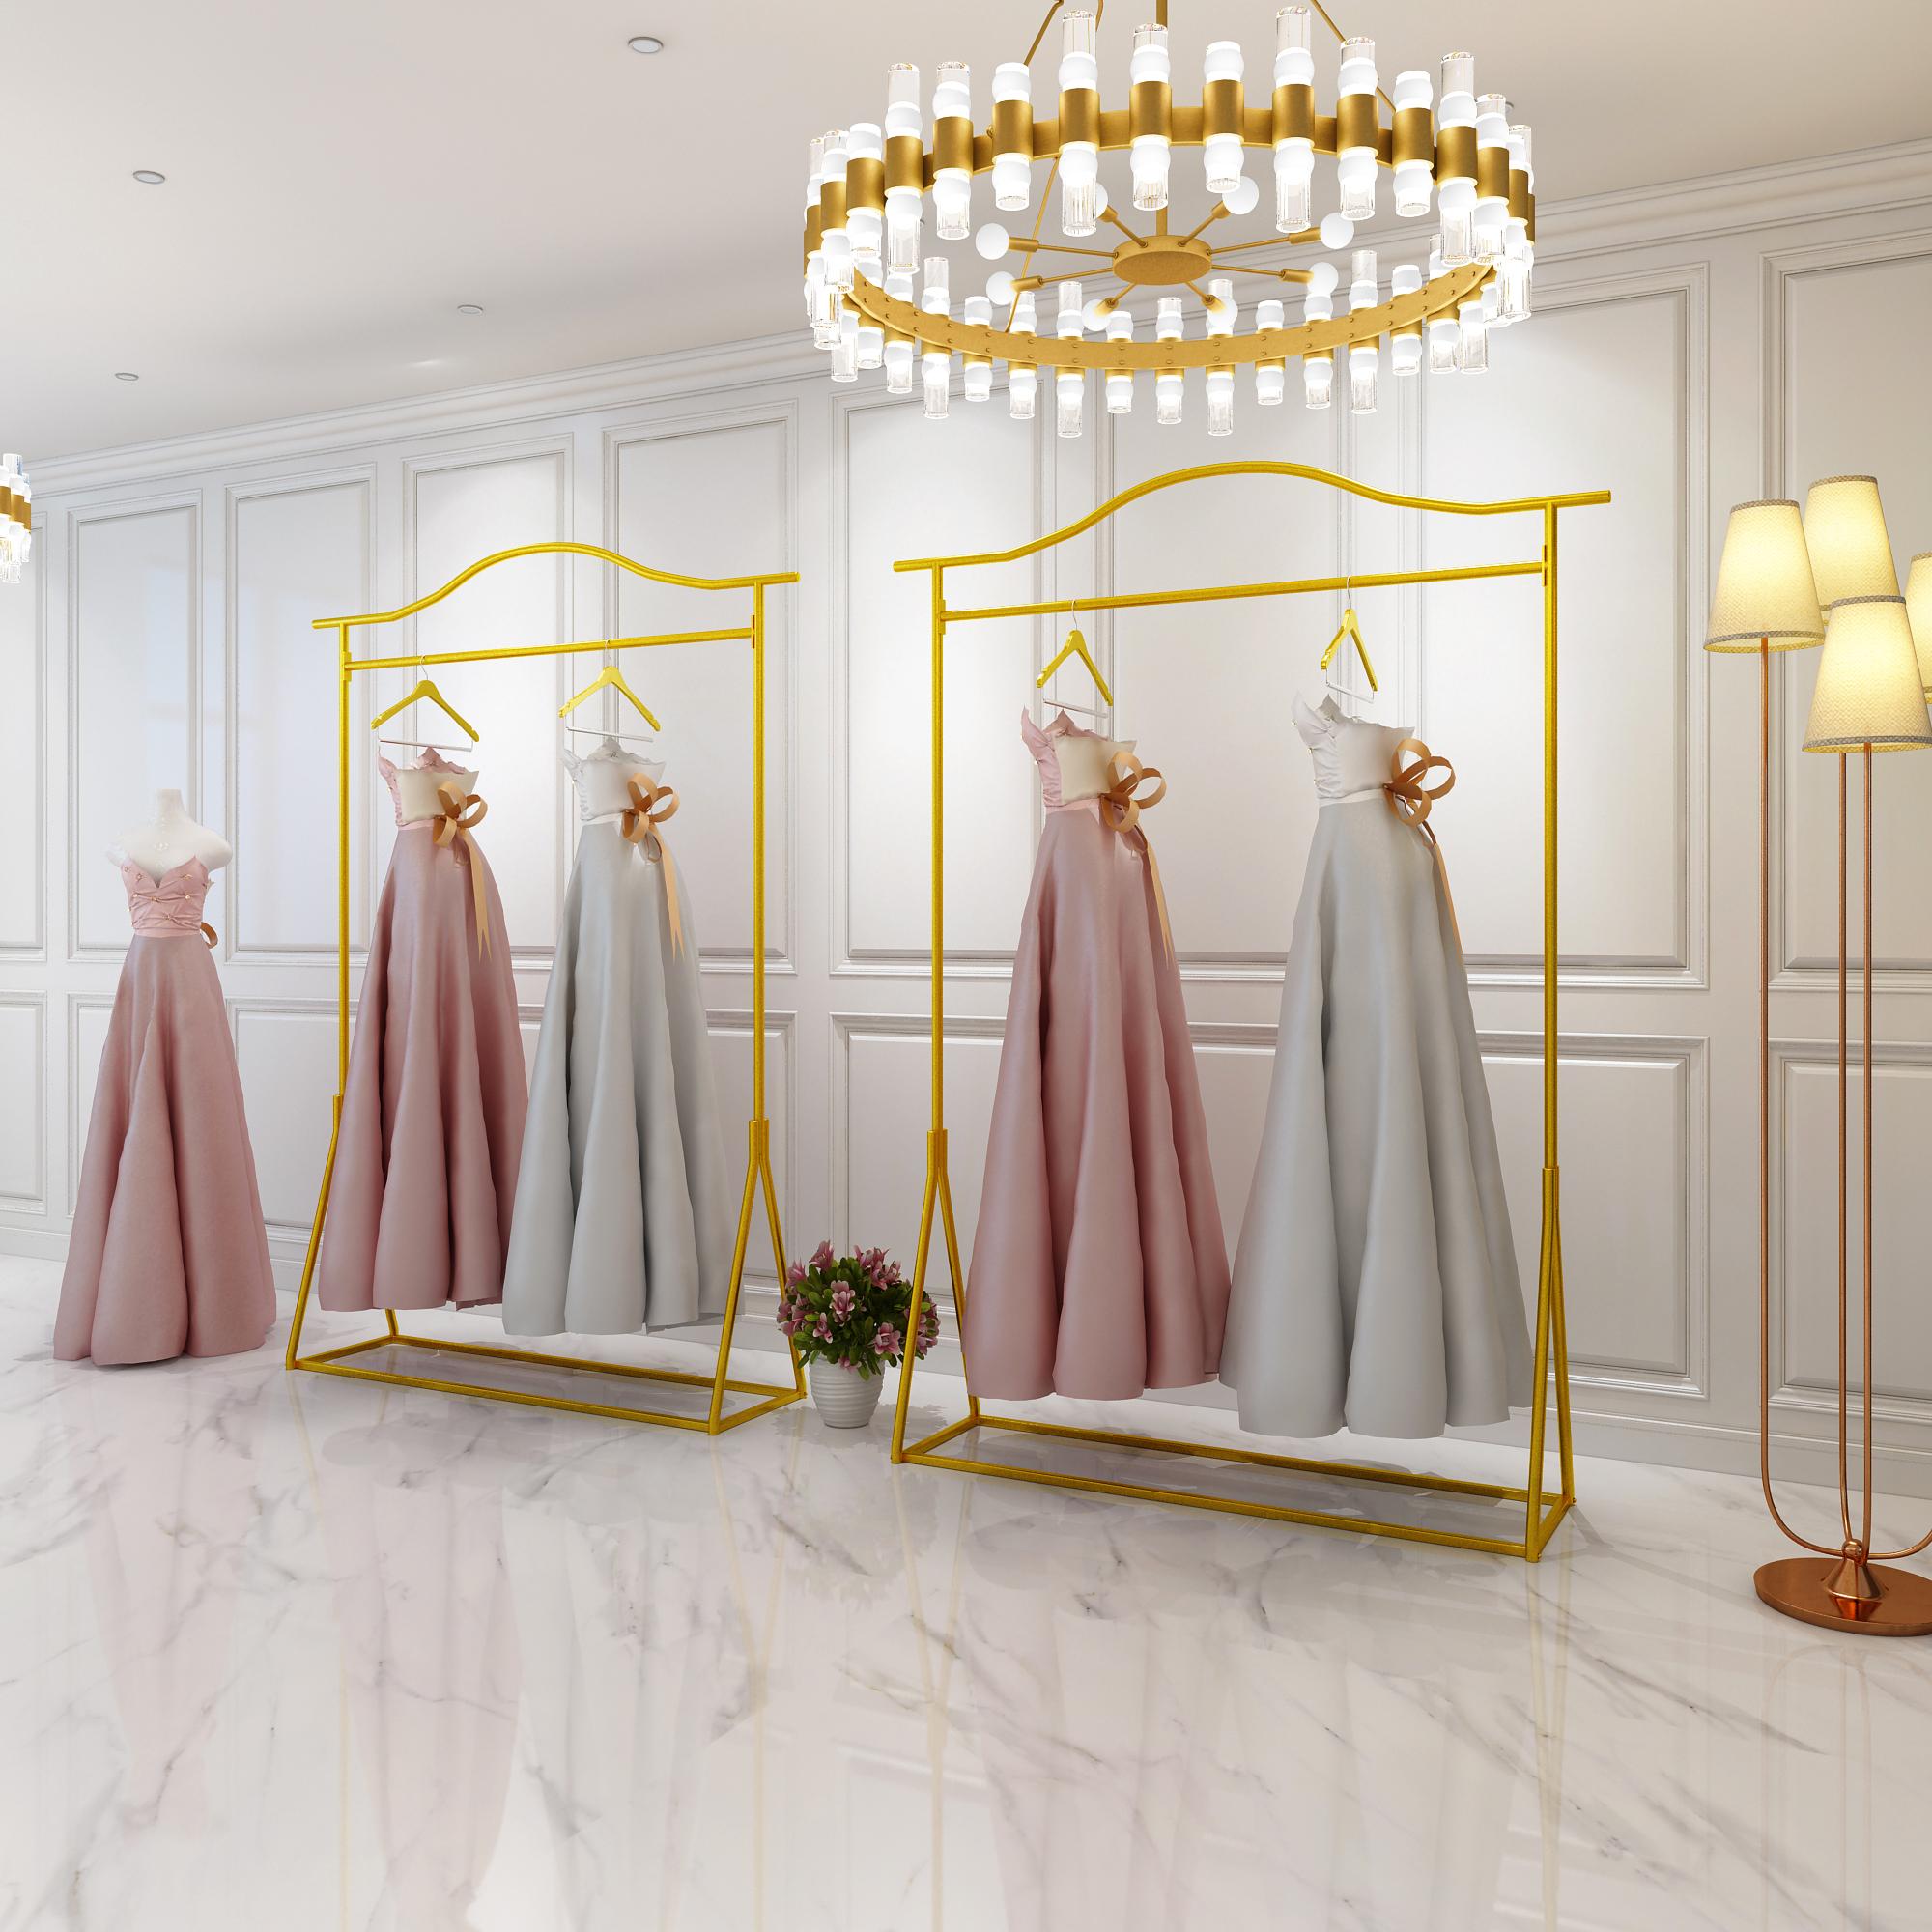 婚纱架展示架服装店高档落地式挂礼服的衣架专用架子欧式铁艺金色180.00元包邮